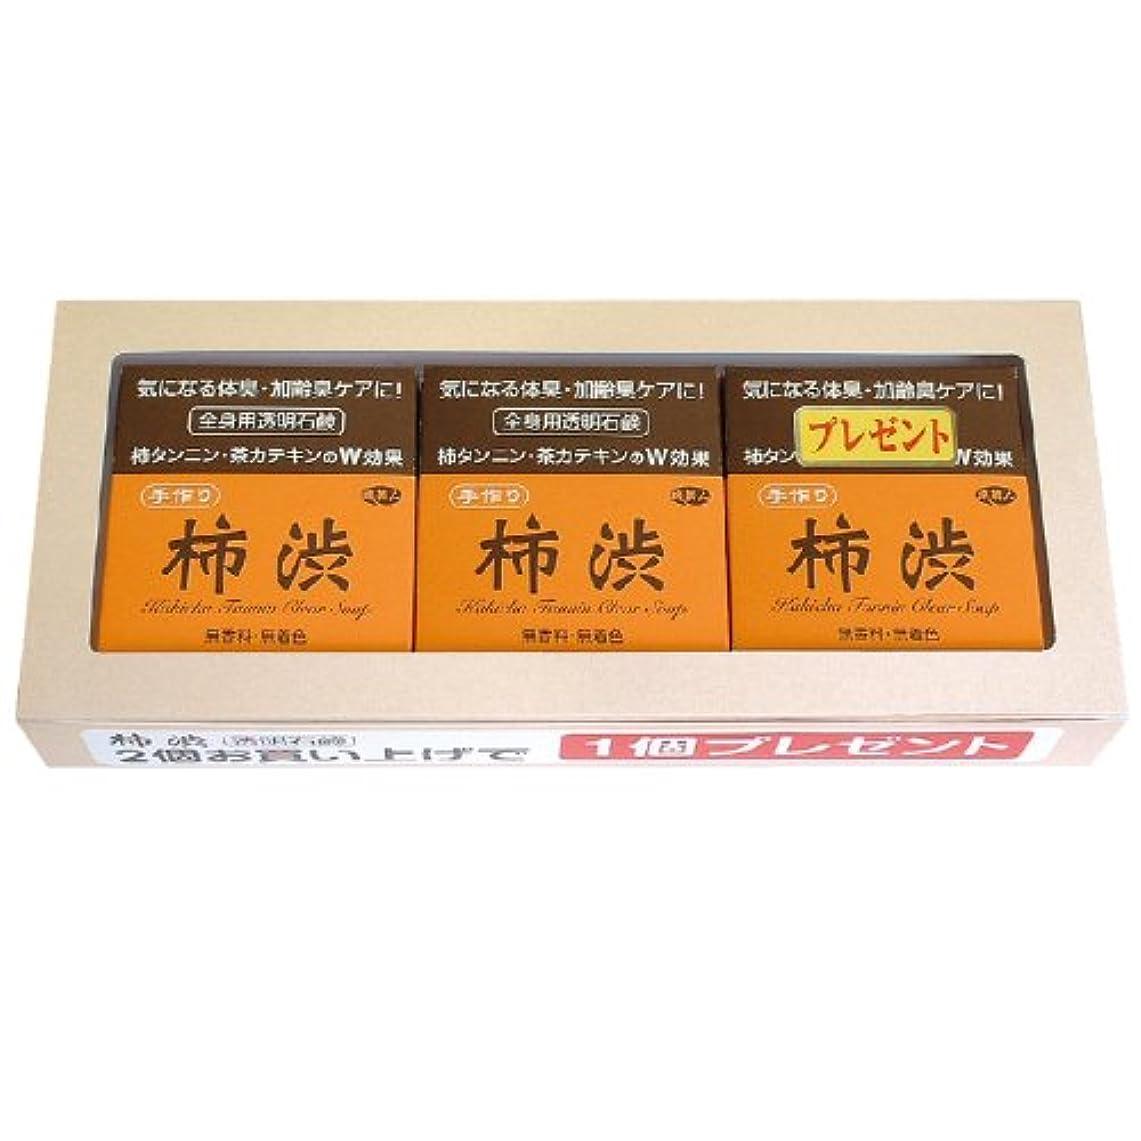 小麦癌封筒アズマ商事の 柿渋透明石鹸 2個の値段で3個入りセット